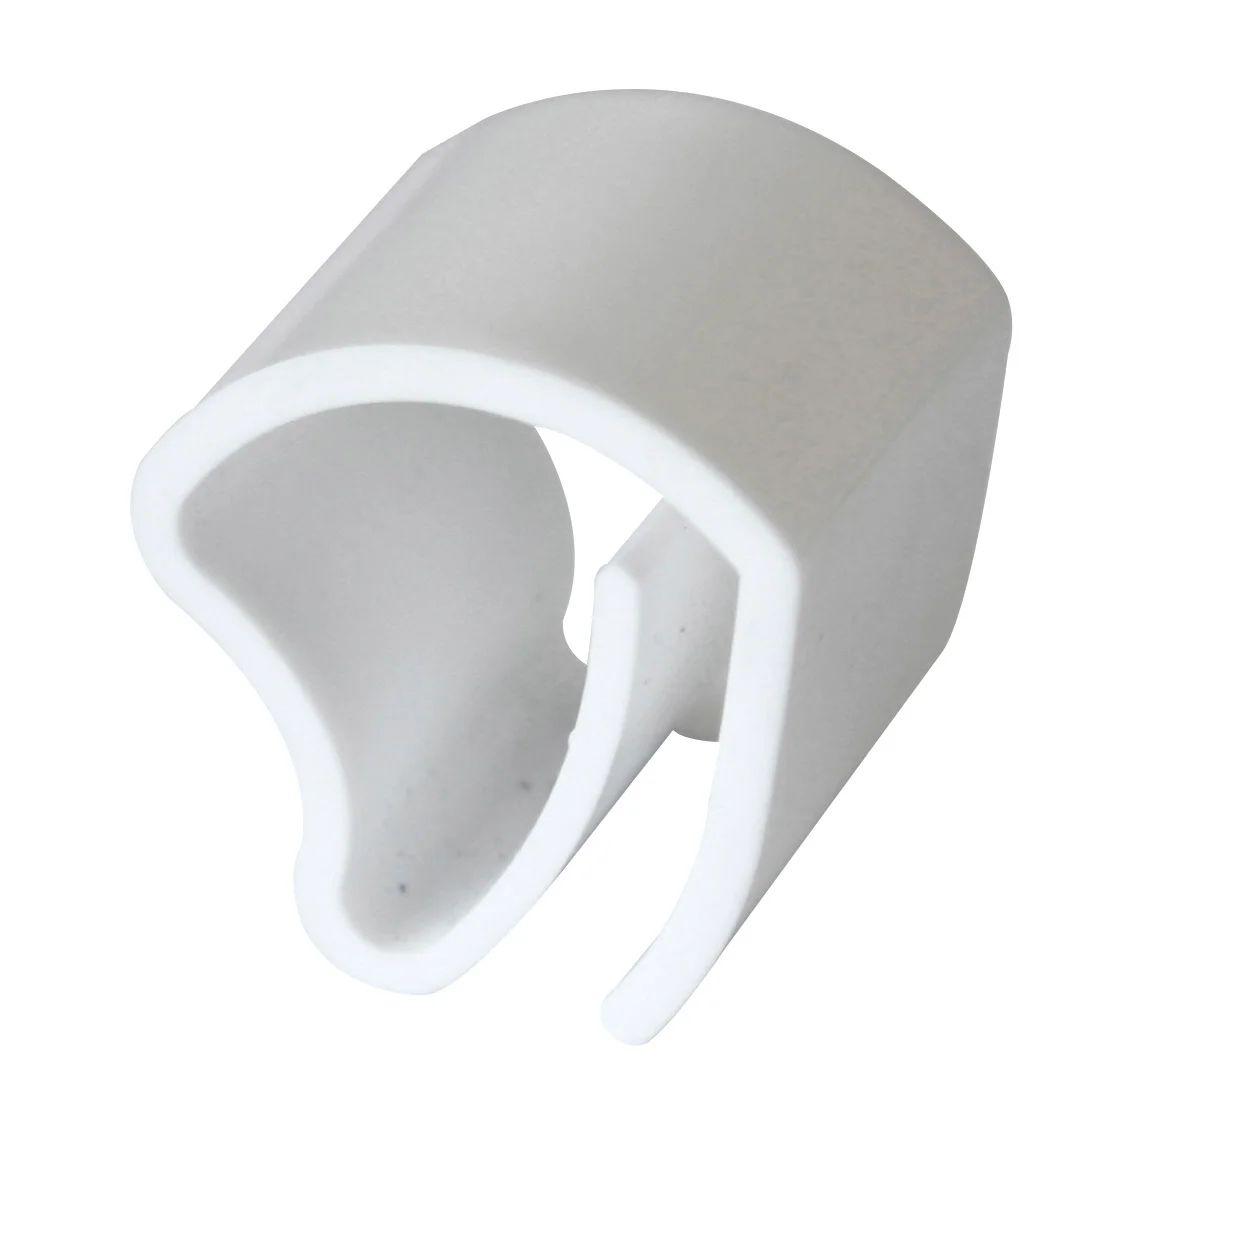 Lot De 3 Supports De Fixation Inspire Blanc Pour Store Venitien Leroy Merlin